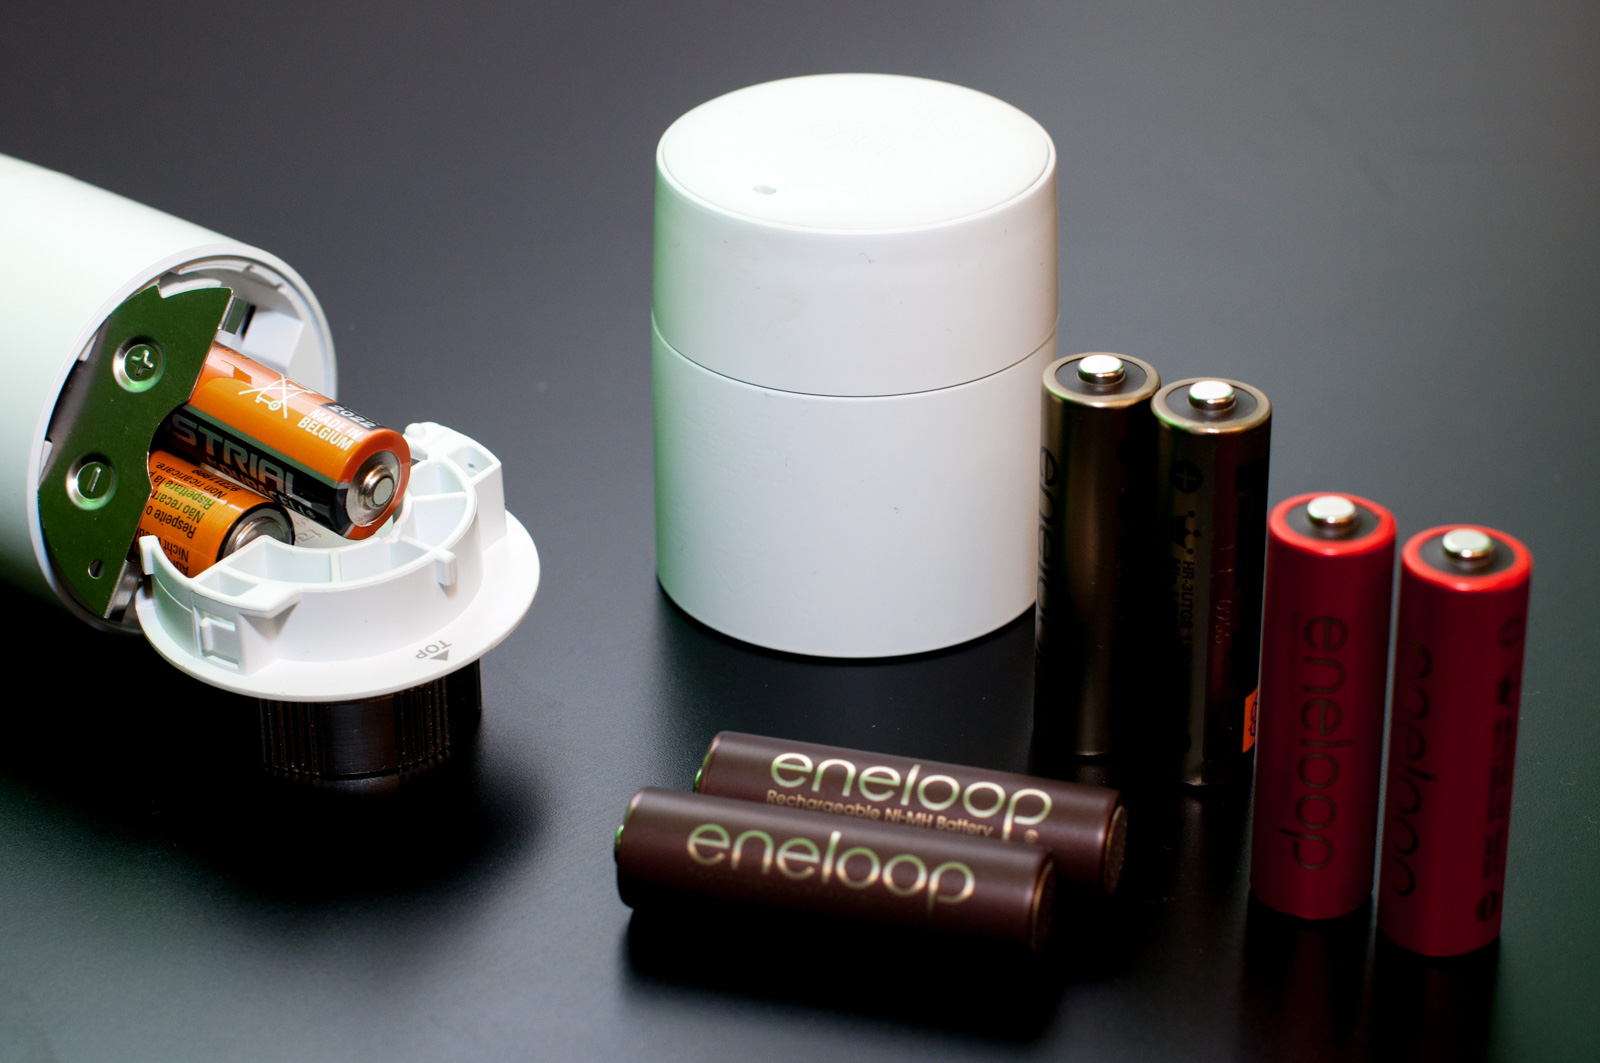 Tado im Test: Heizkörperthermostate mit effizientem Stalker-Modus - Wer will, kann auch Akkus verwenden. Es empfehlen sich aber LSD-Akkus. Wir haben Sanyo-Modelle verwendet, die es nicht mehr gibt. (Foto: Andreas Sebayang/Golem.de)